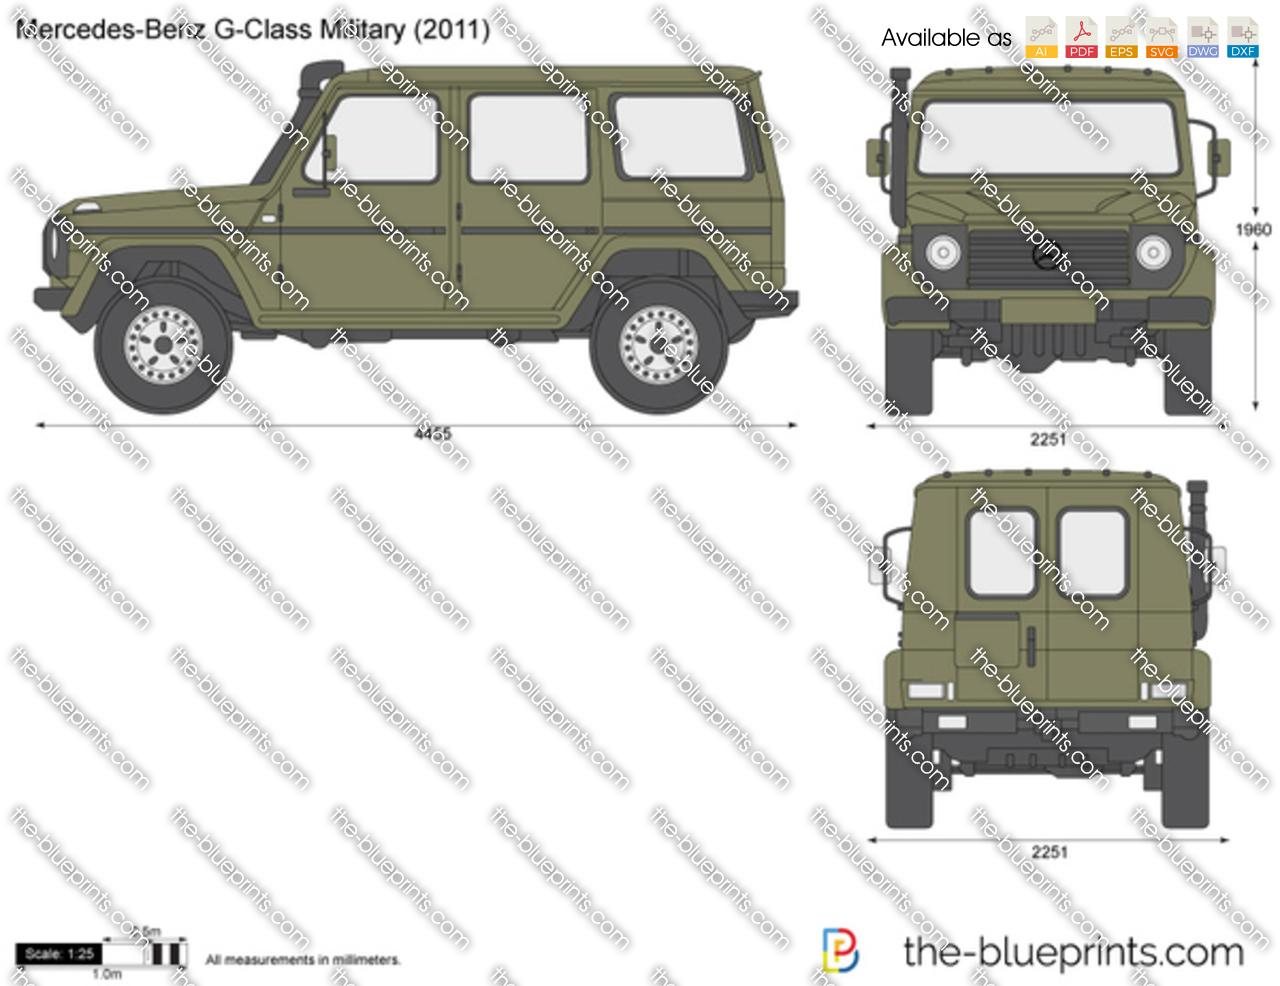 Mercedes-Benz G-Class Military 461 1999